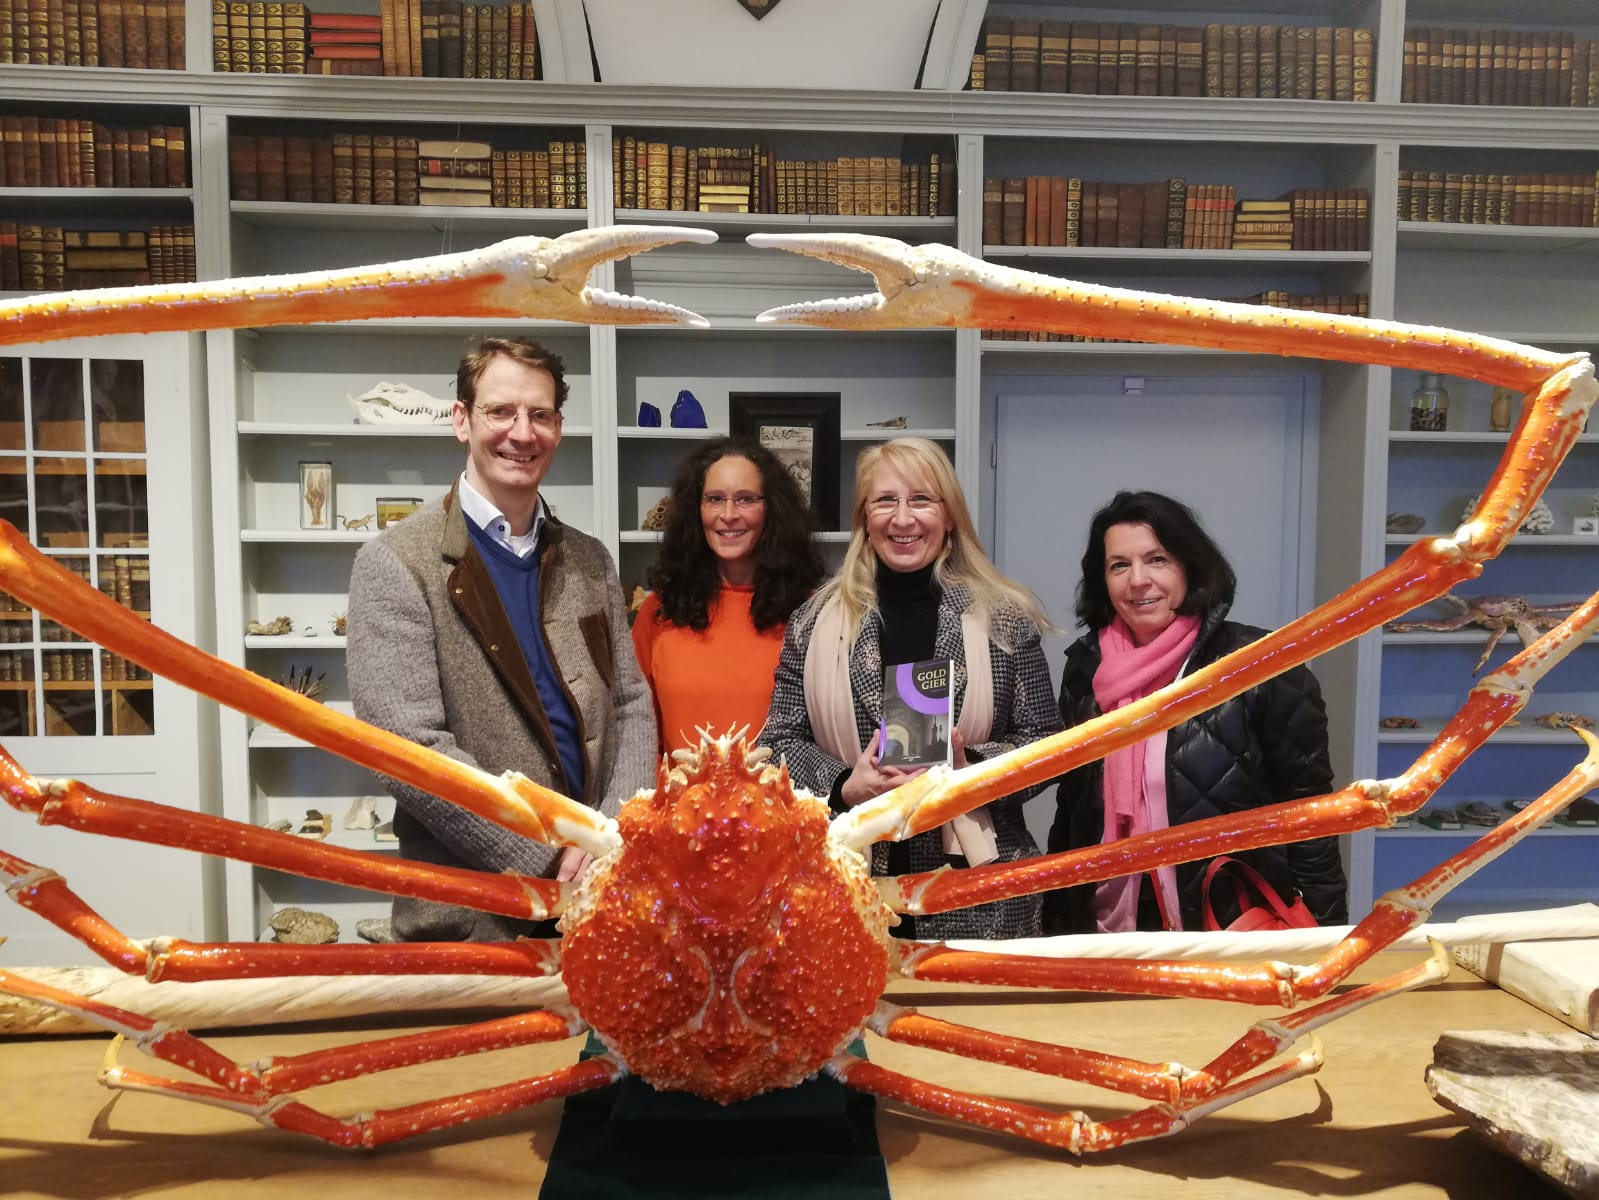 Auf dem Foto zu sehen sind: Dr. Markus Wennerhold, Tanja Höls, Dagmar Isabell Schmidbauer, Rita Loher-Bronold